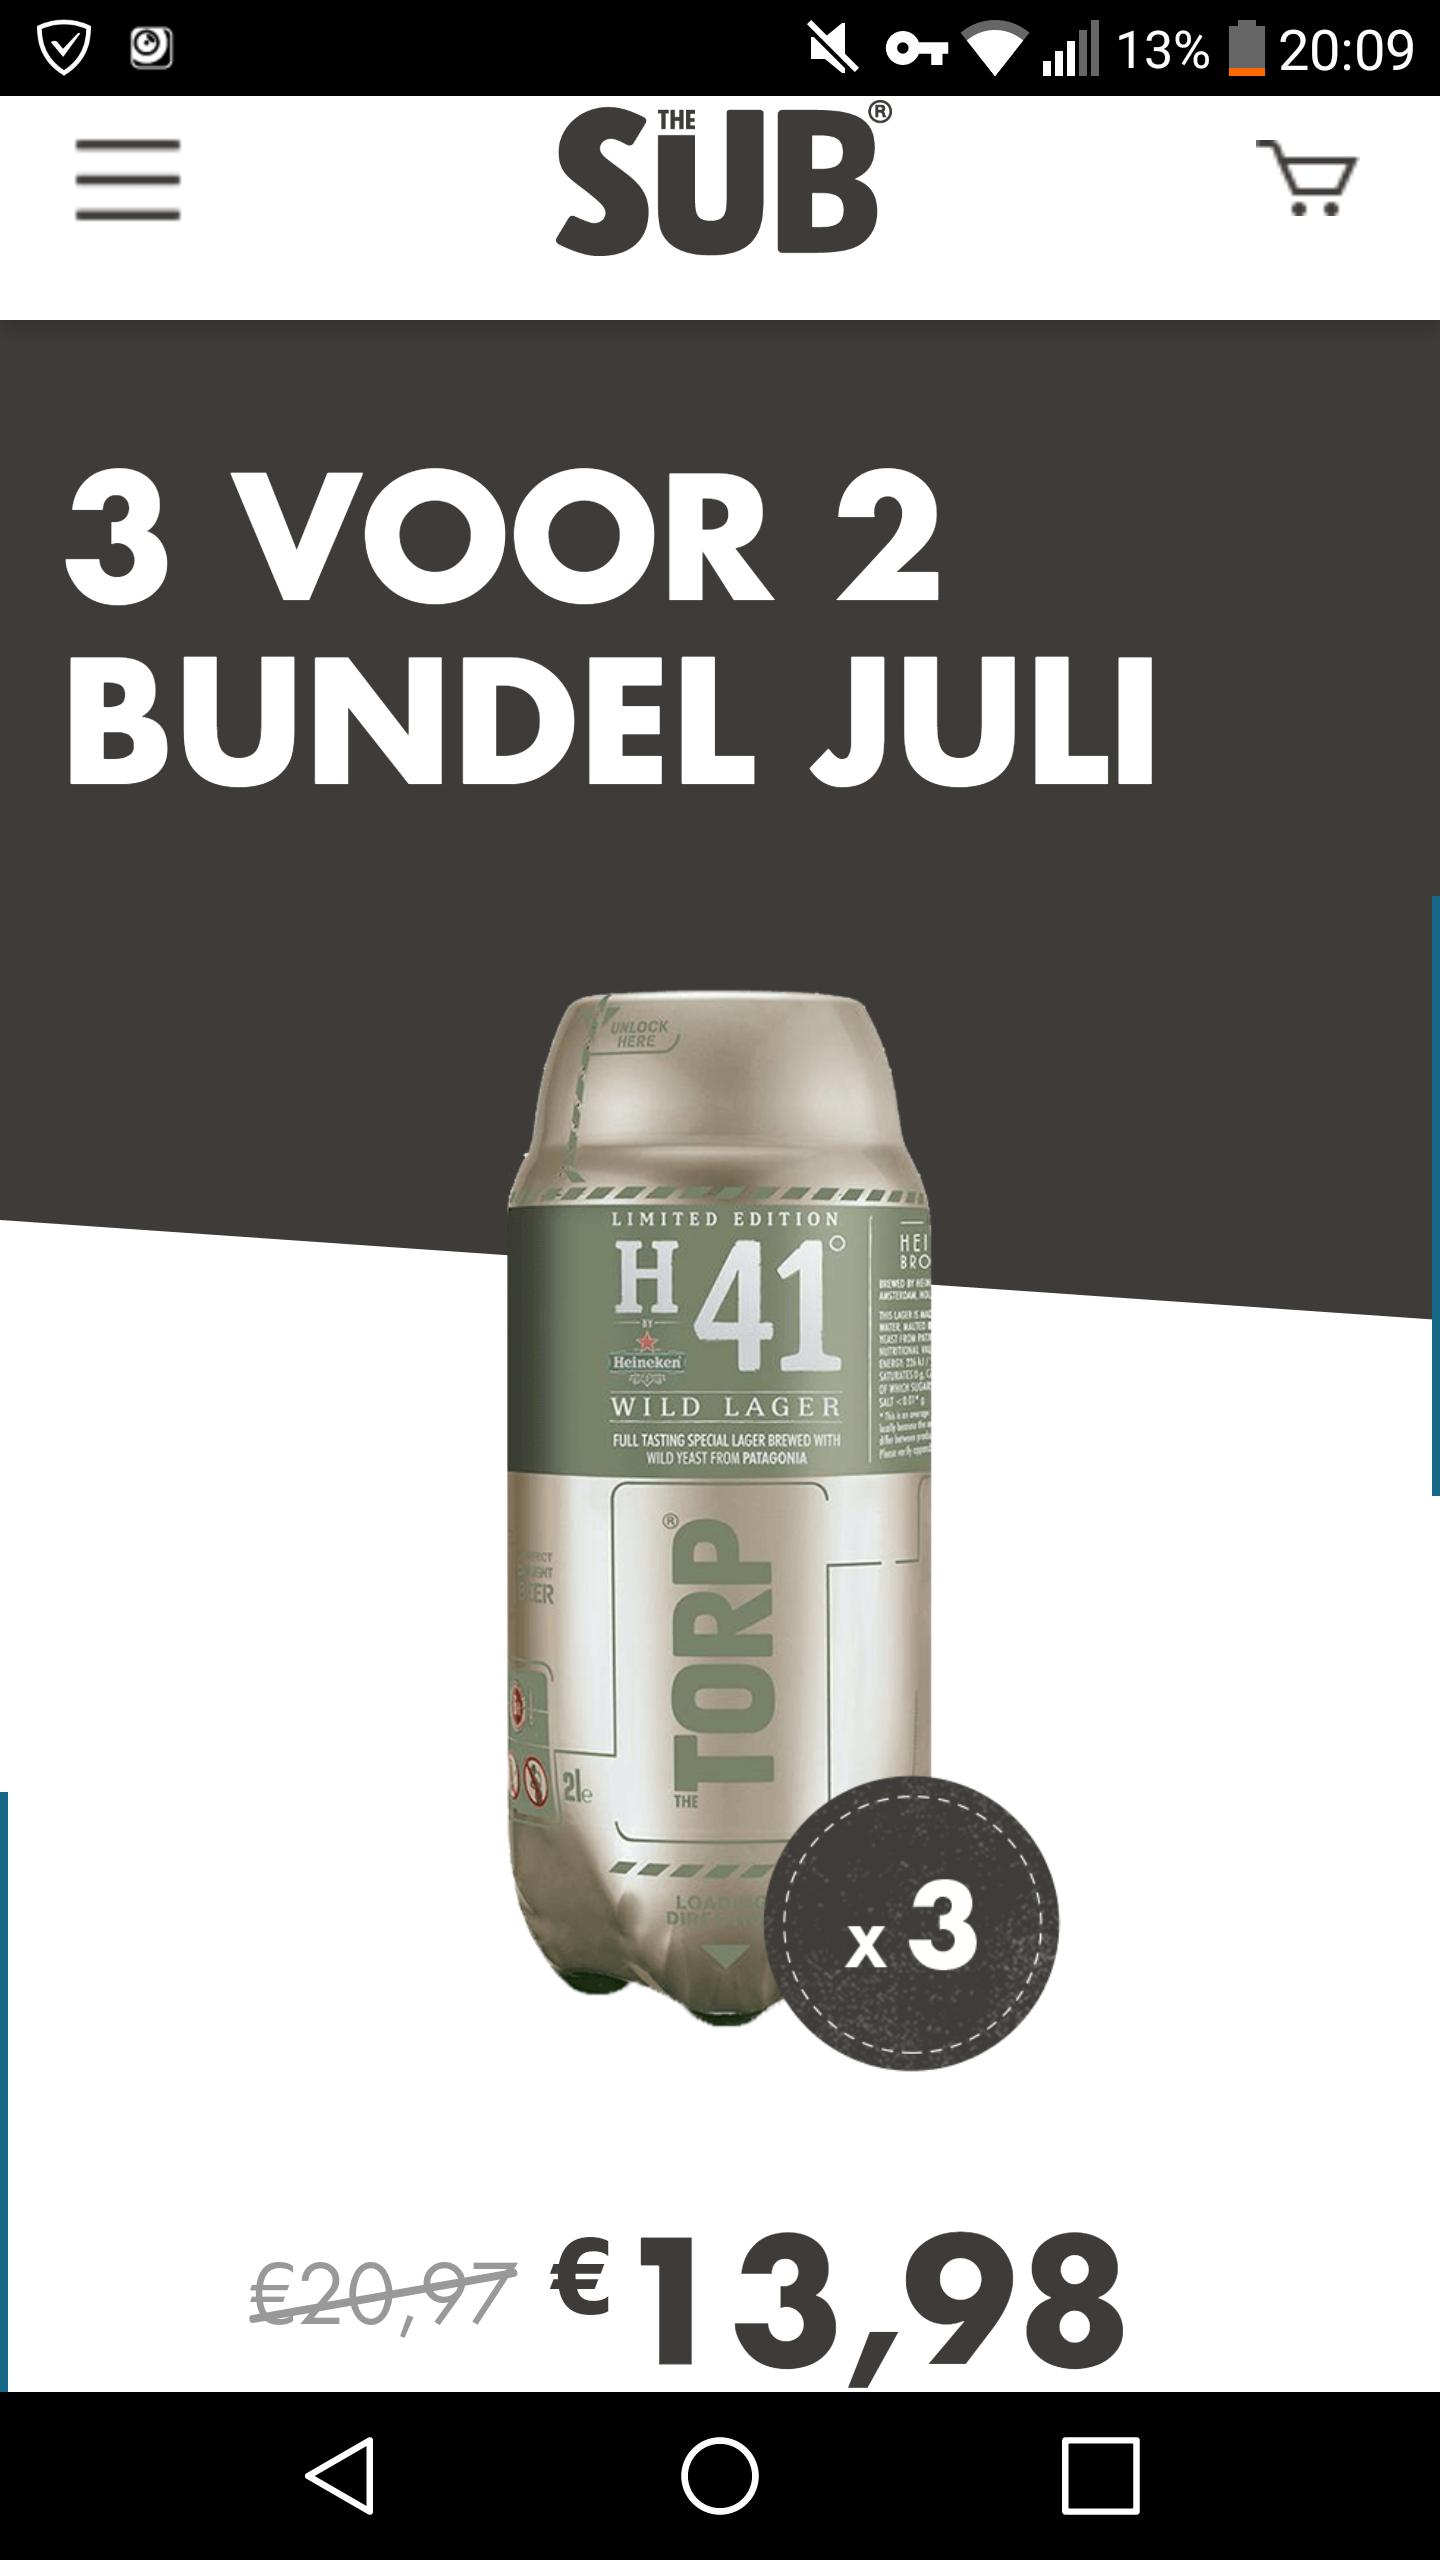 3 voor 2 bundel H41 Wild Lager - Torps voor TheSUB thuistap